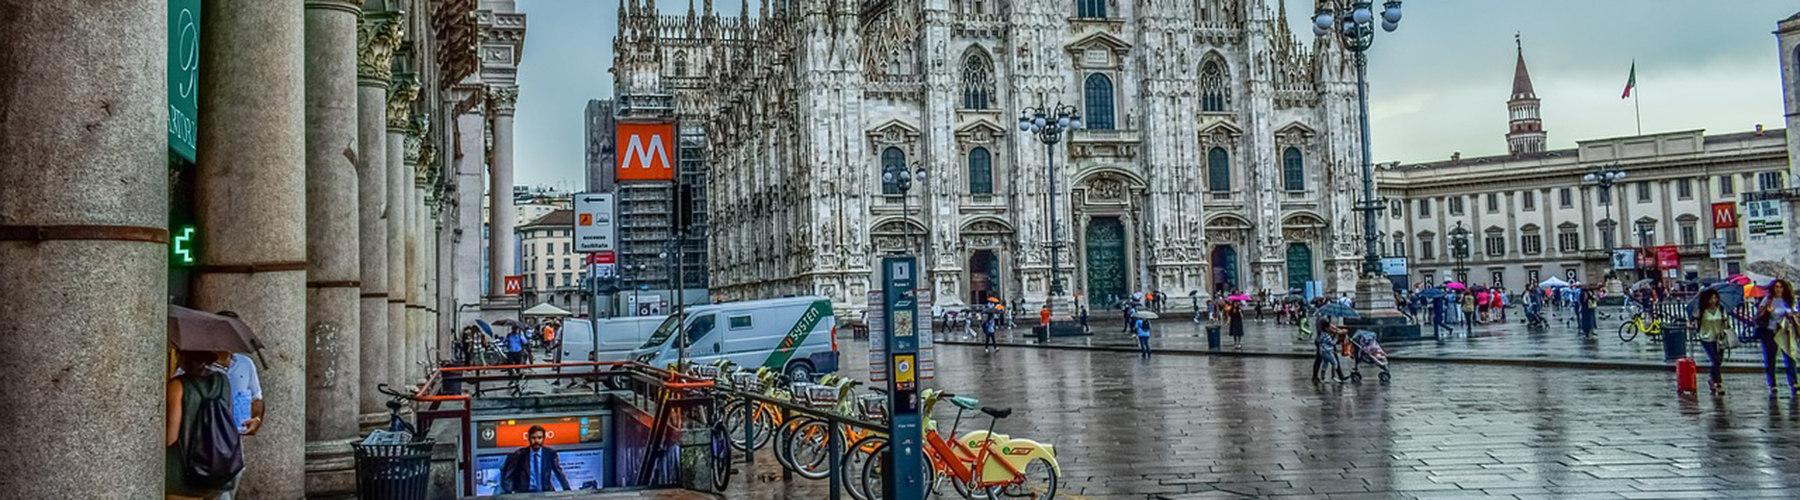 밀라노 - City Center에 가까운 아파트. 밀라노의 지도, 밀라노에 위치한 아파트에 대한 사진 및 리뷰.